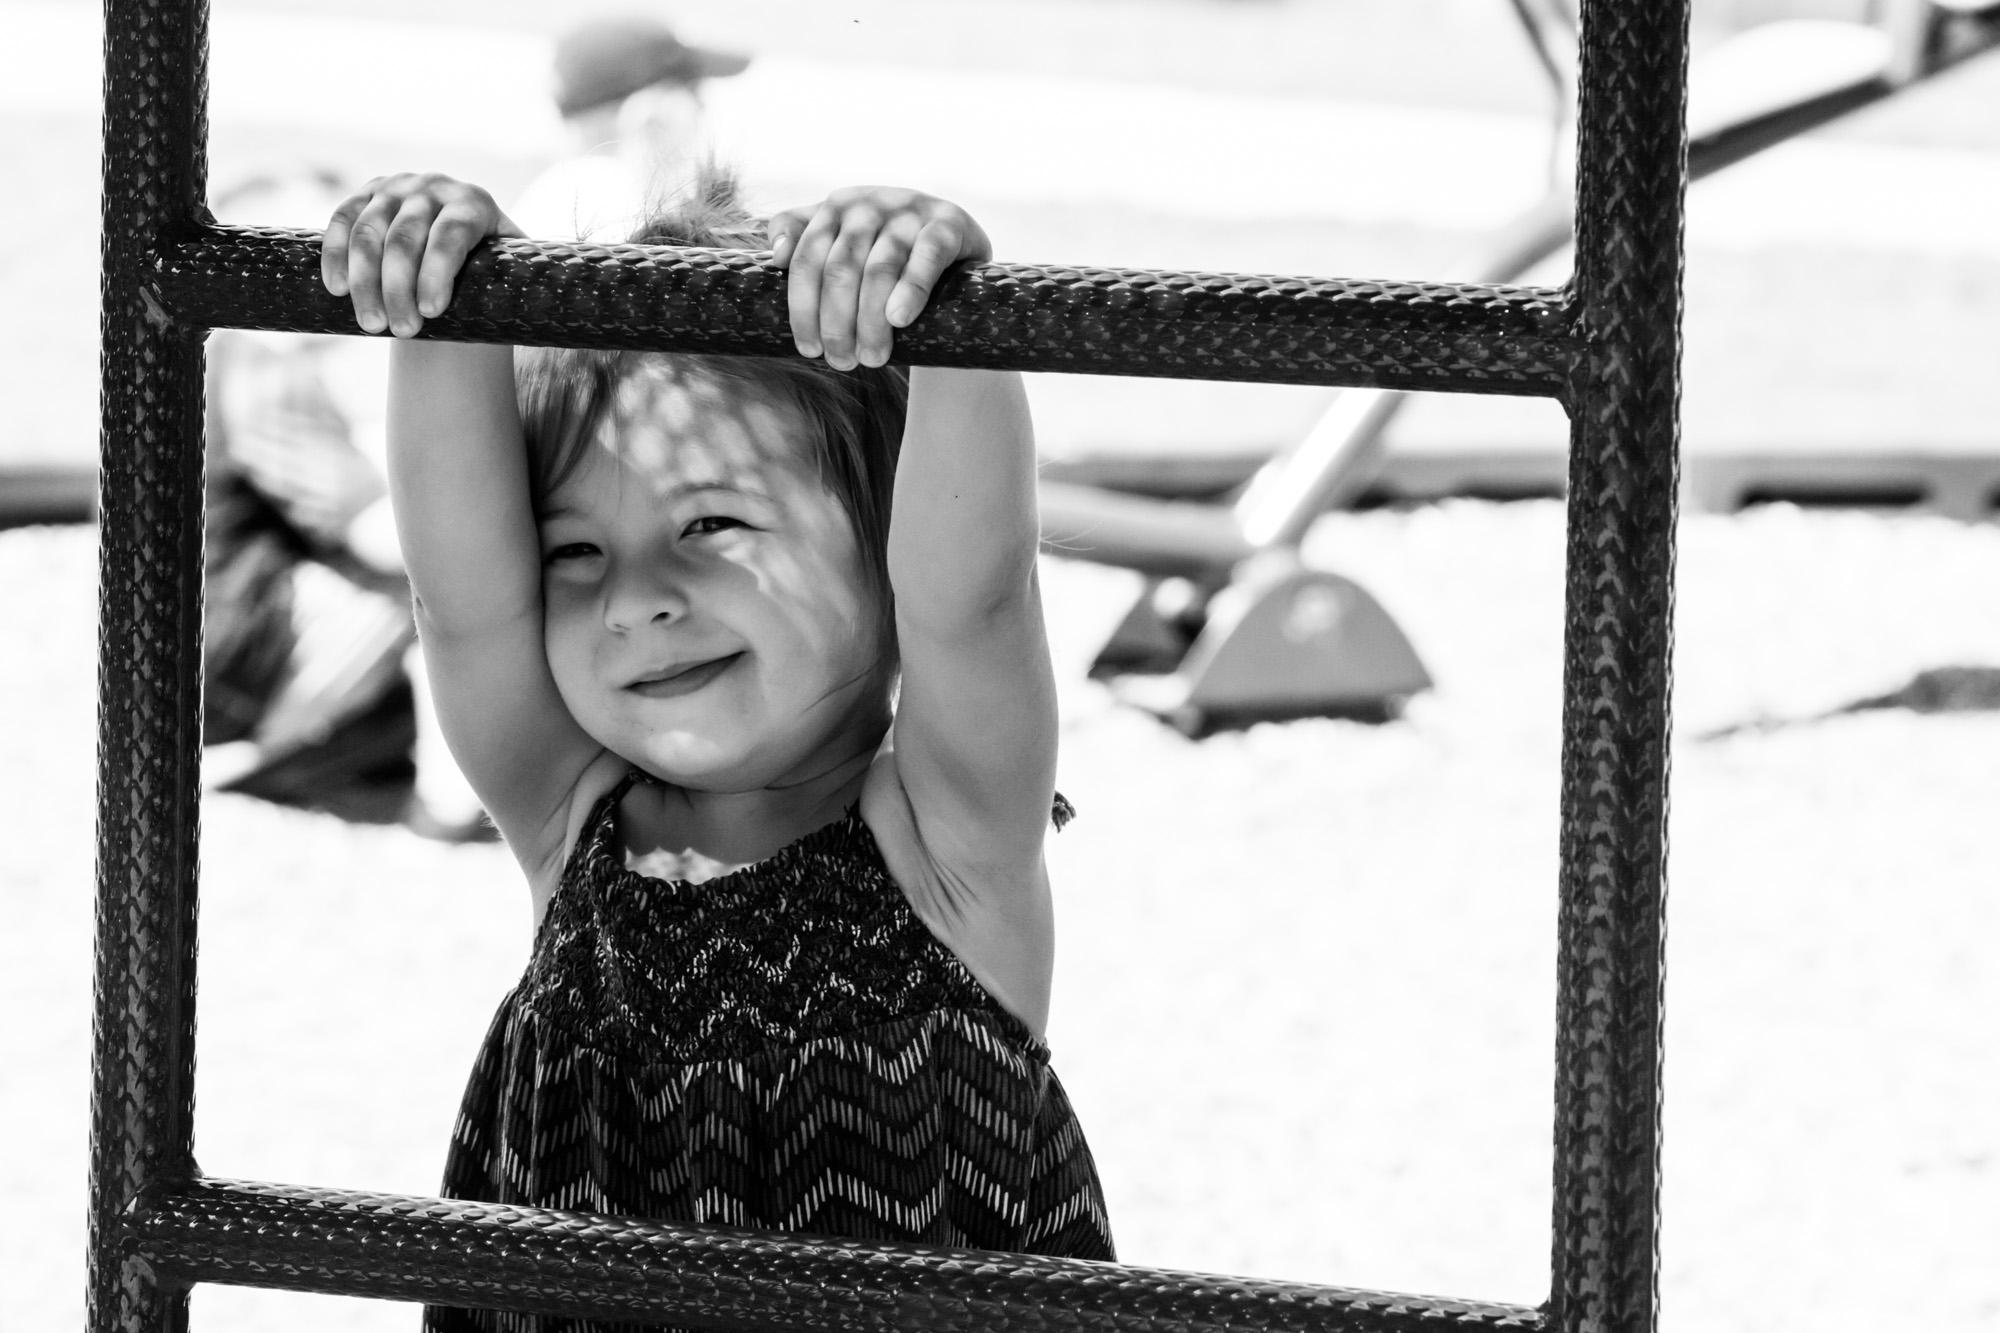 jacksonville-family-photography-110.jpg